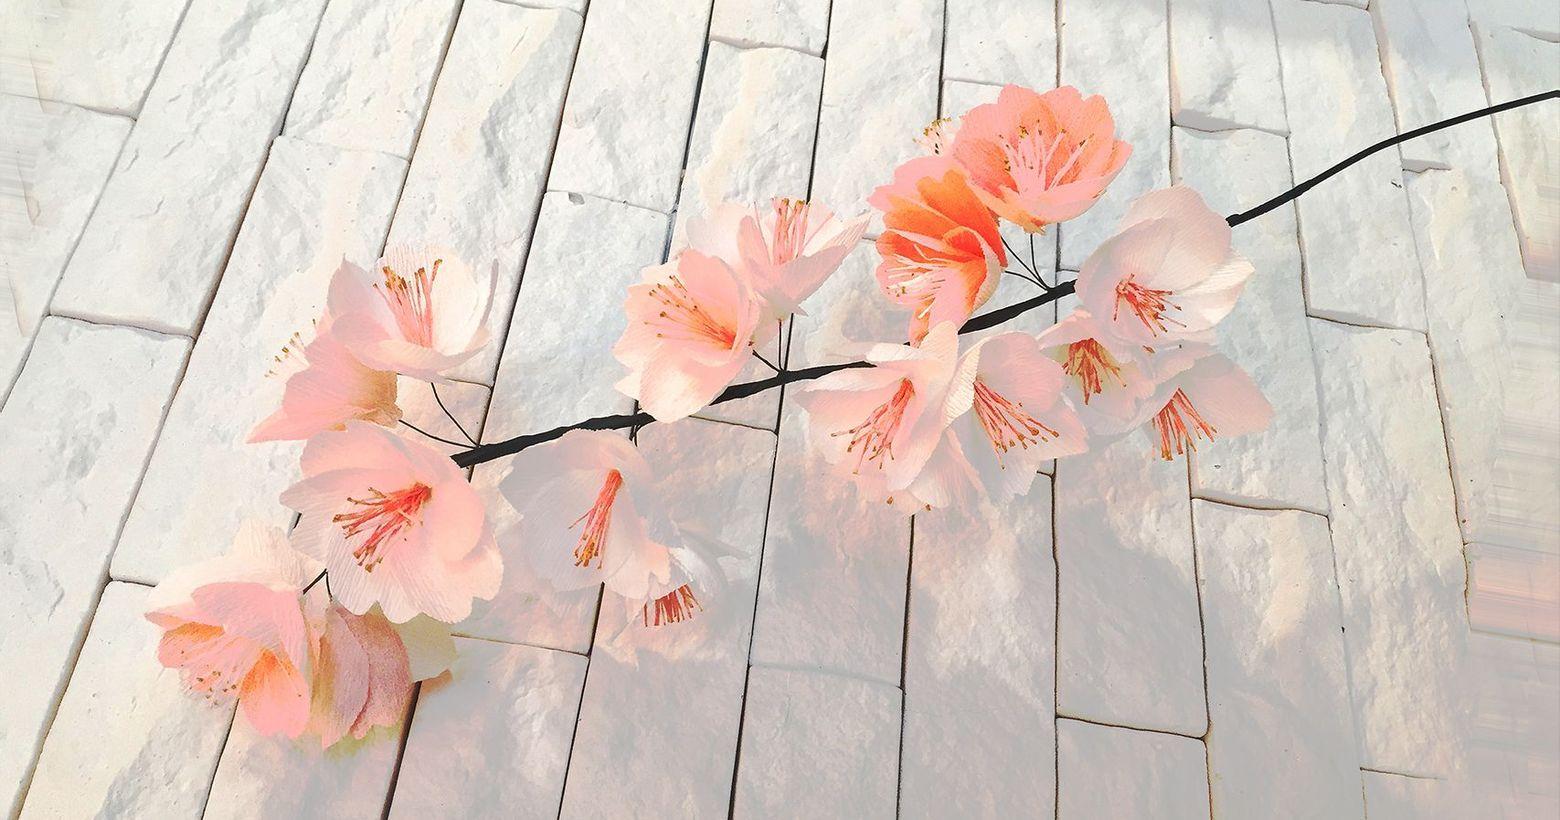 花藝/2月/櫻雨紛飛/生活美學 Fraine Art & Life/紙花花藝那天⋯⋯妳見過櫻花下雨嗎